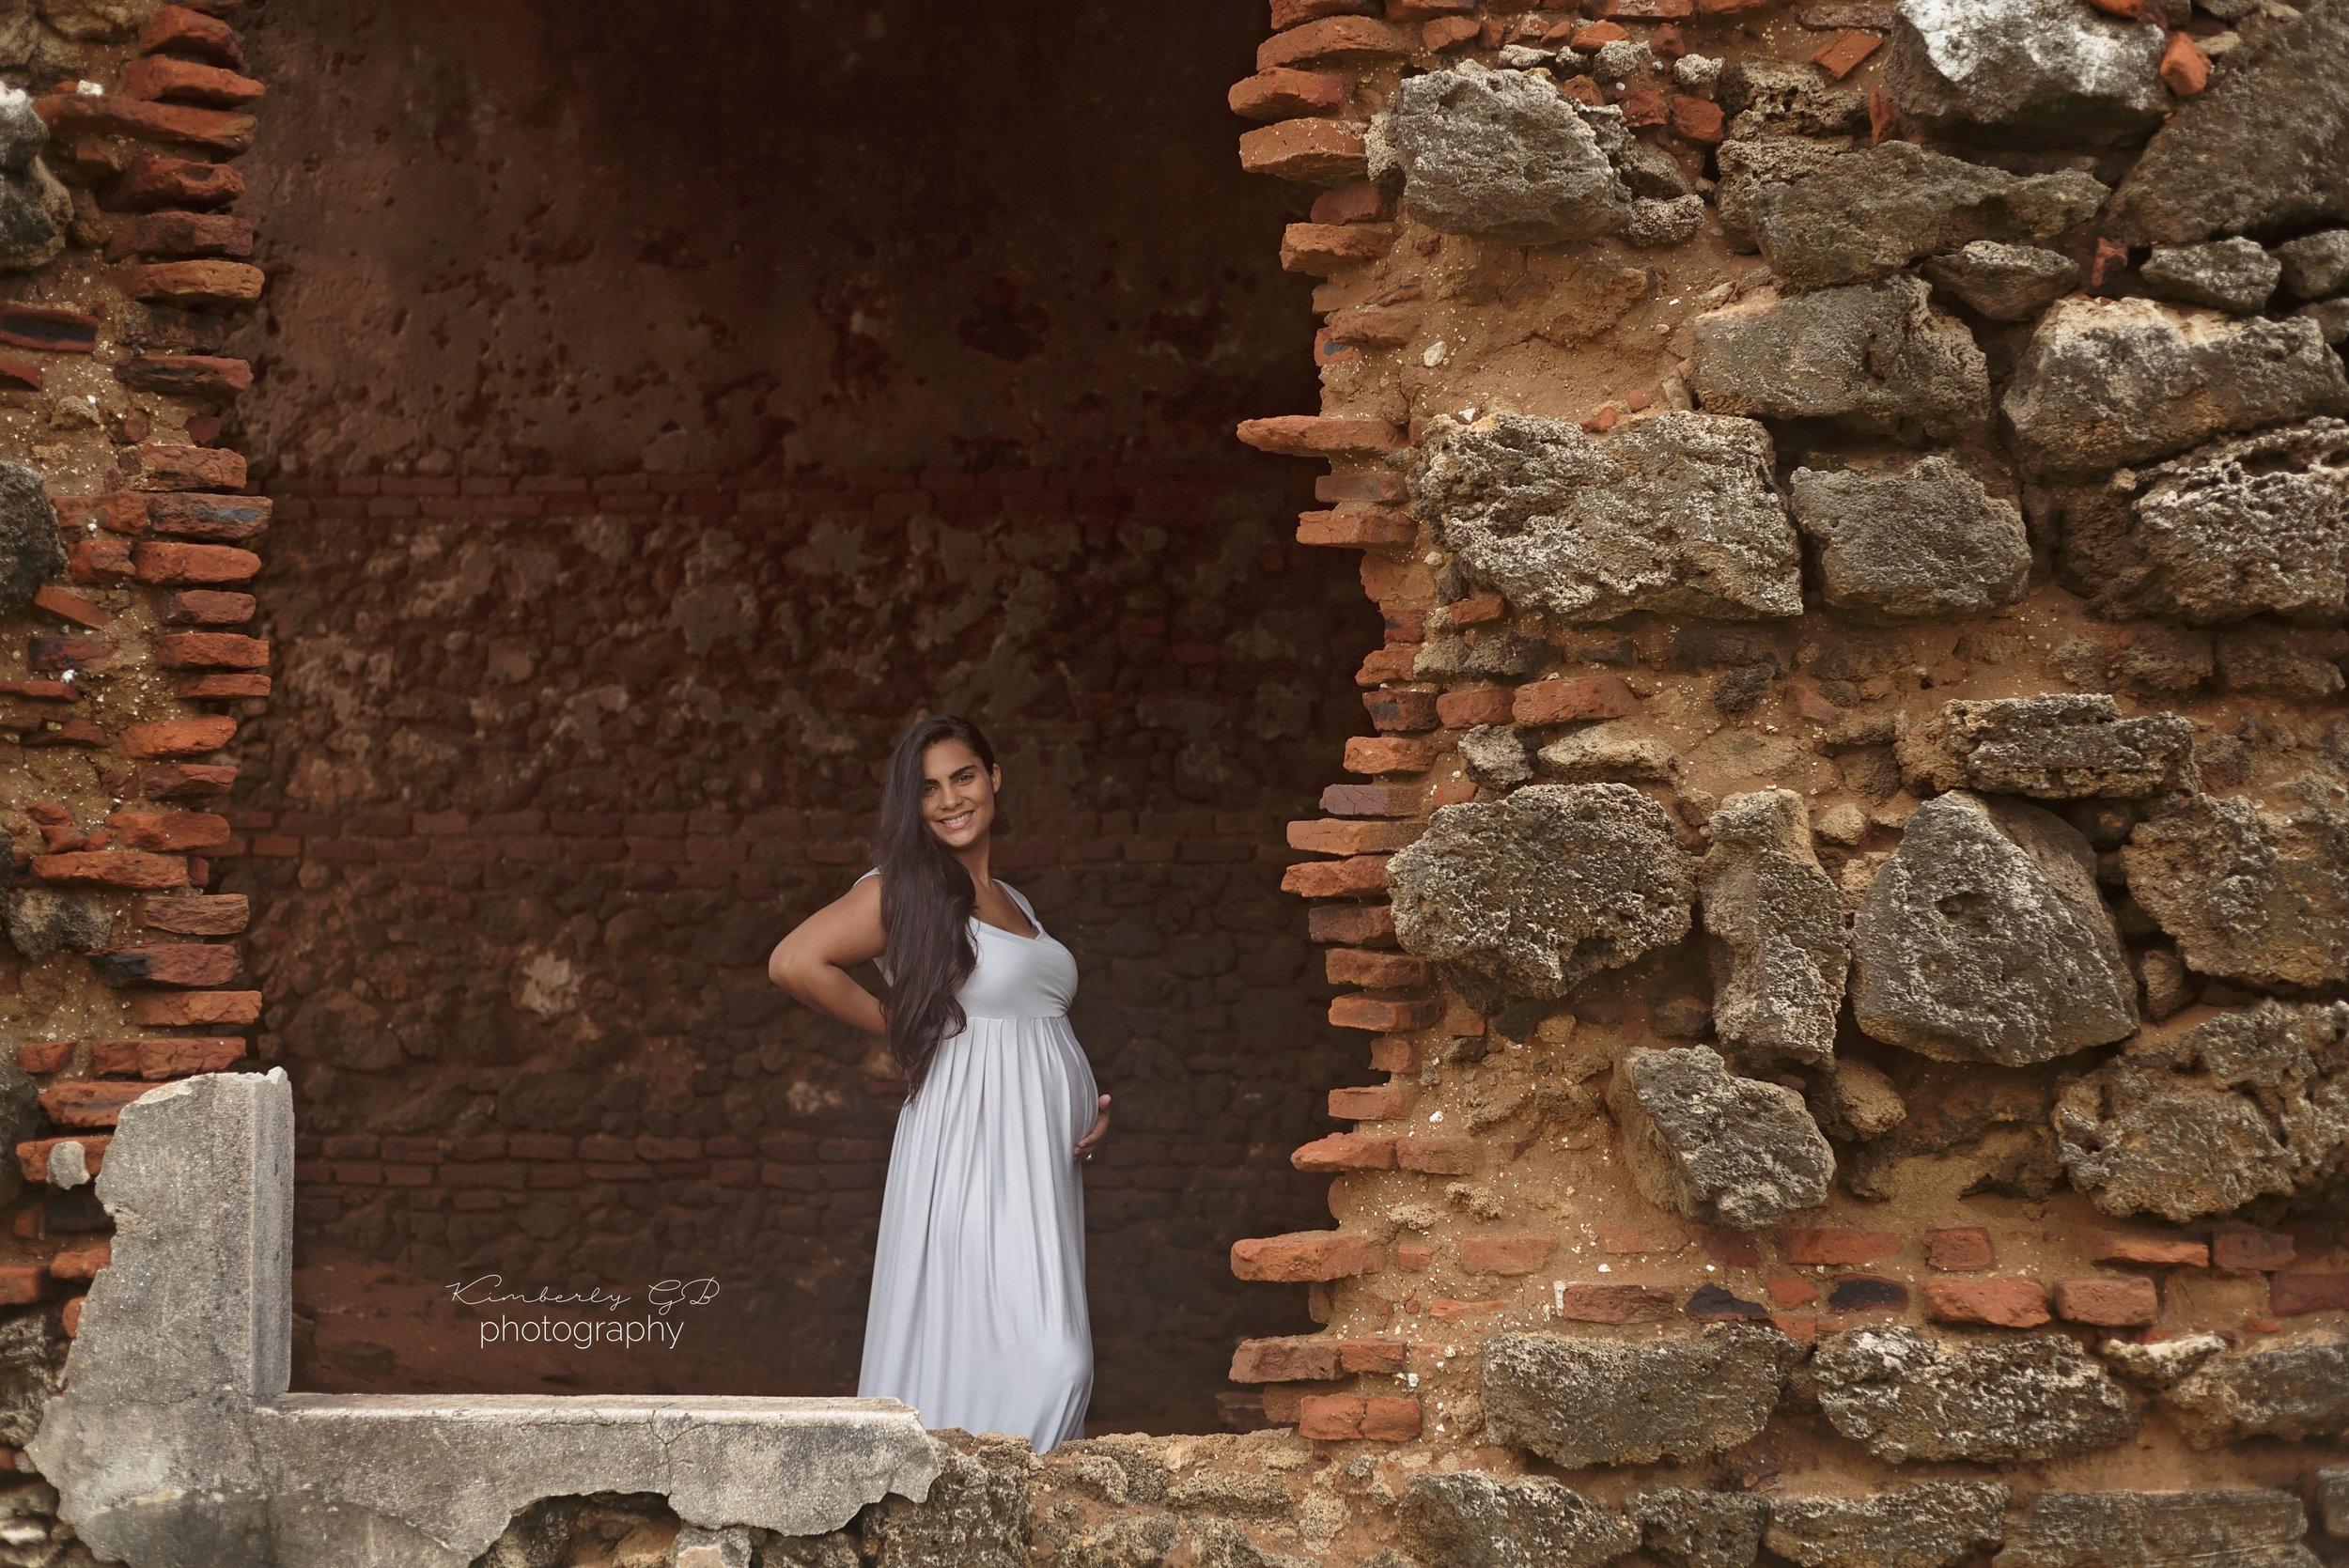 fotografa-de-maternidad-en-puerto-rico-fotografia-12.jpg